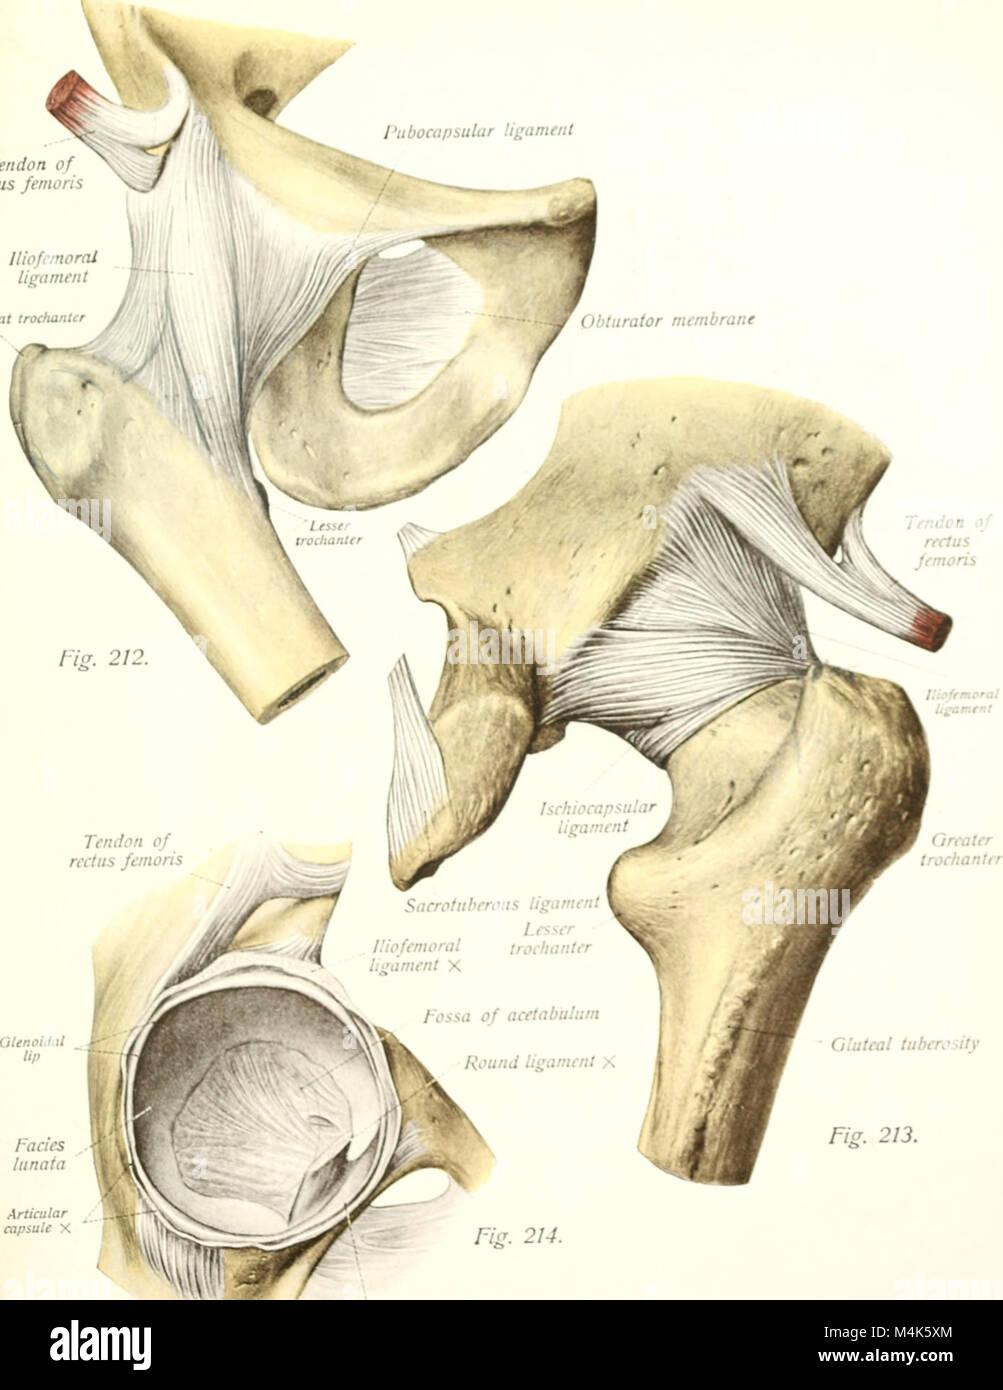 Anatomy Atlas Stockfotos & Anatomy Atlas Bilder - Seite 2 - Alamy